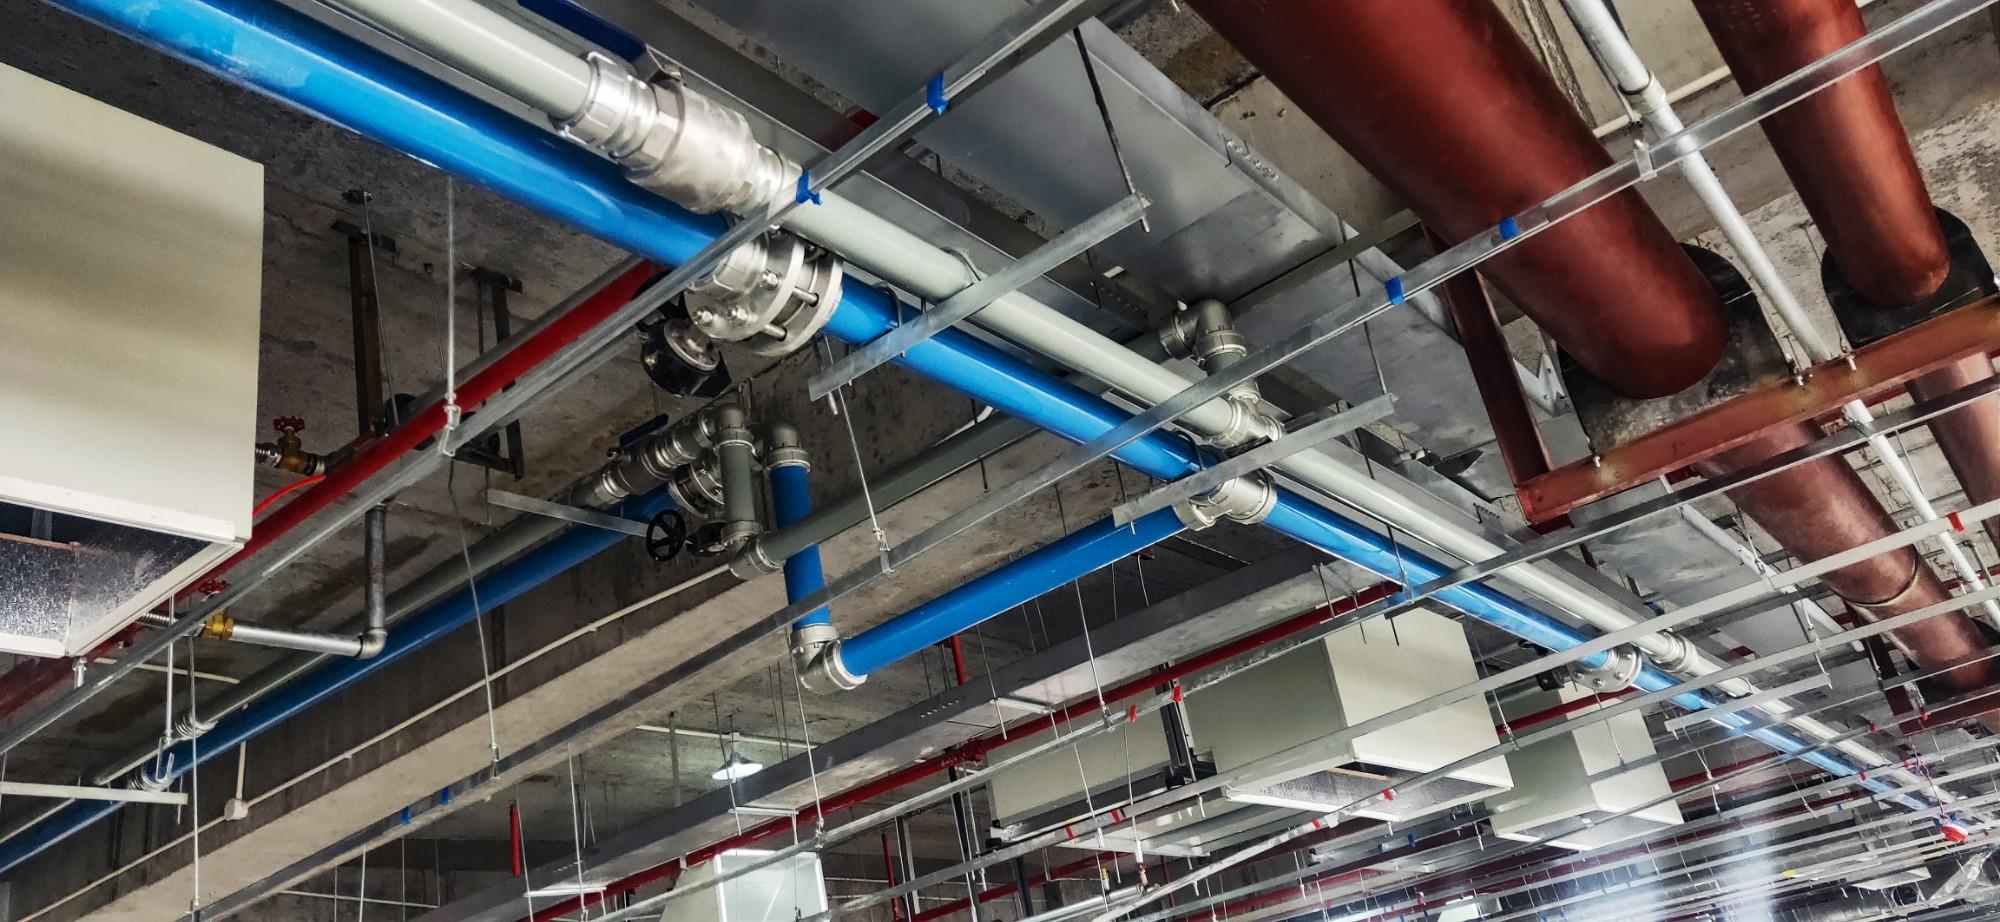 医院压缩空气管道的分配系统有哪两种